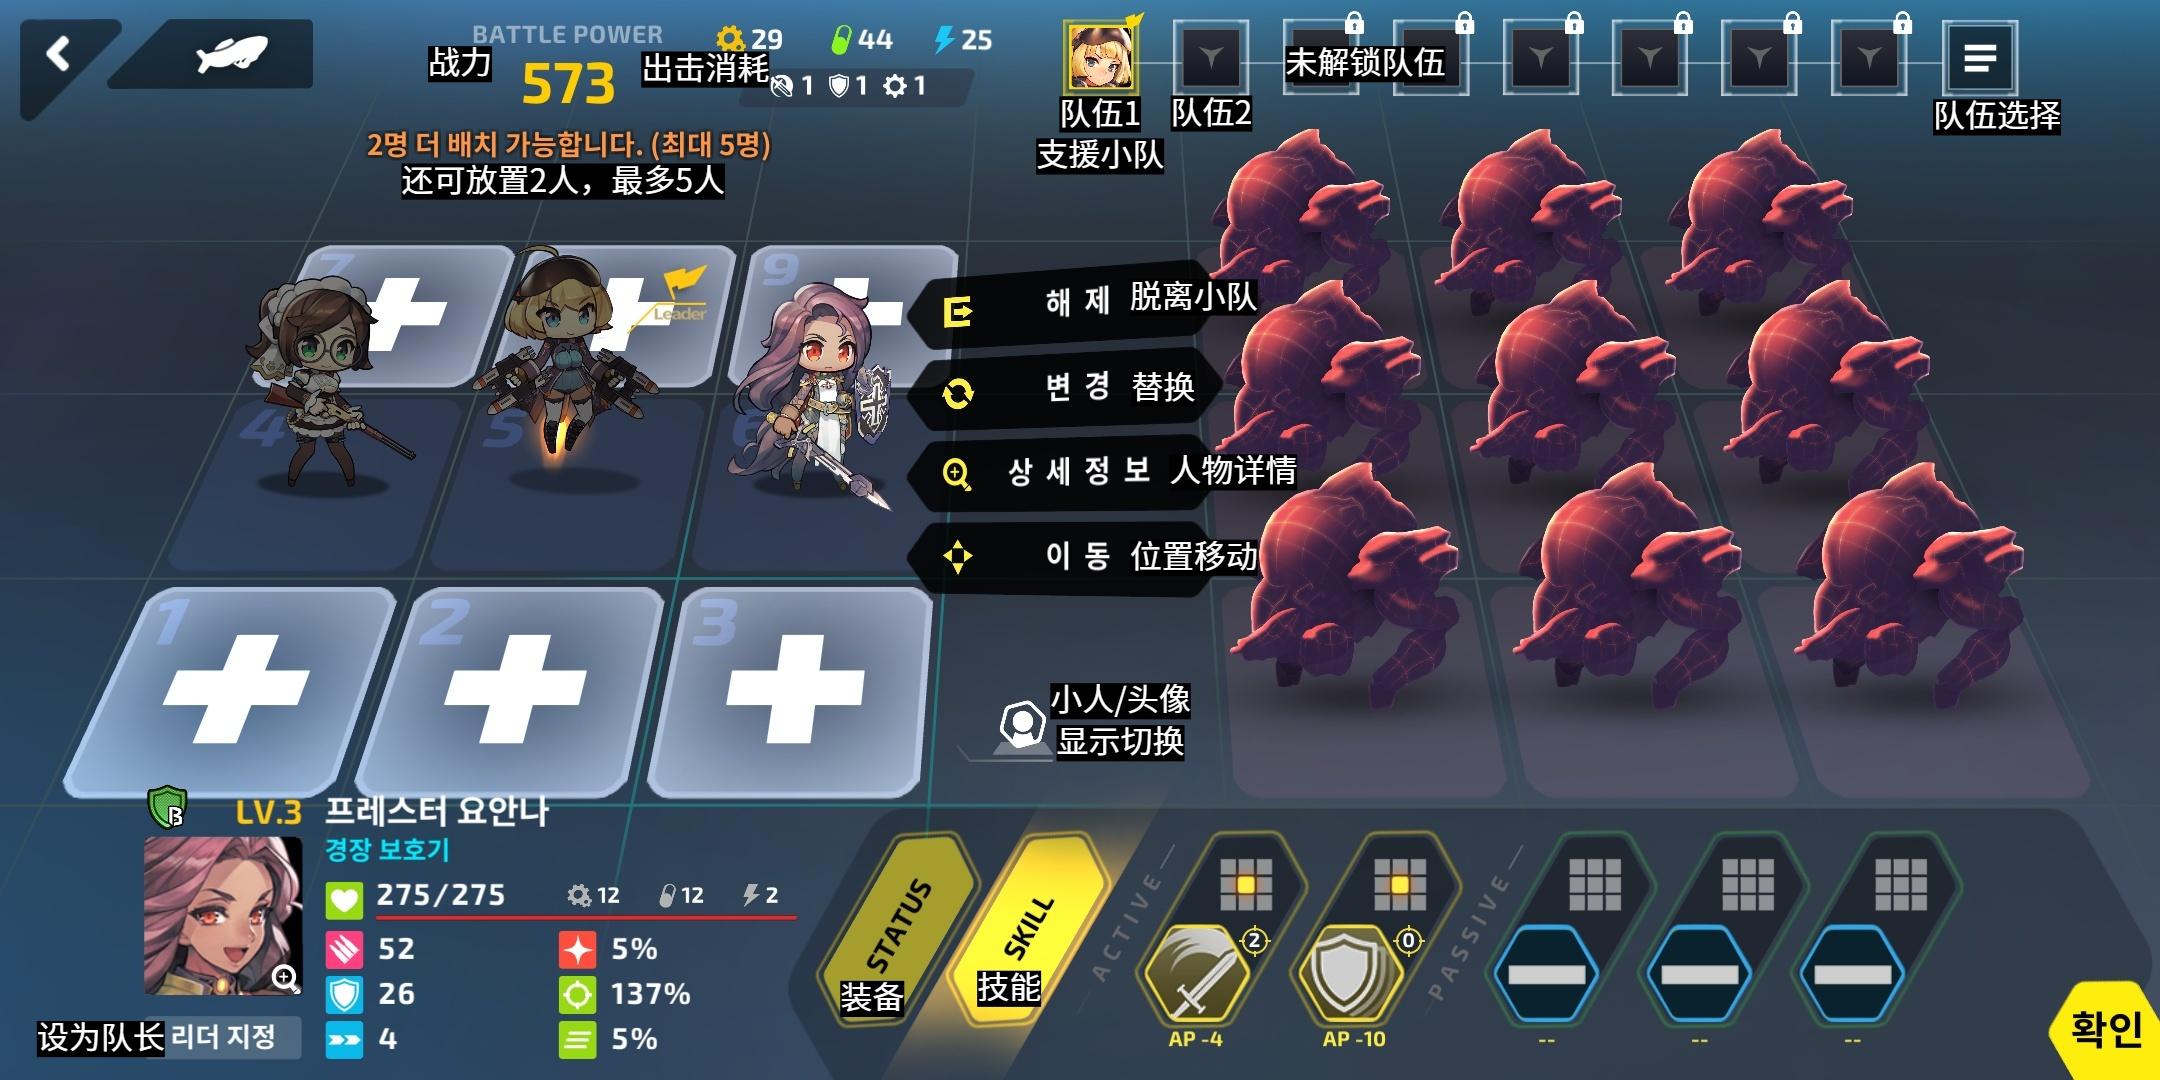 2.0游戏基础介绍(修葺中)